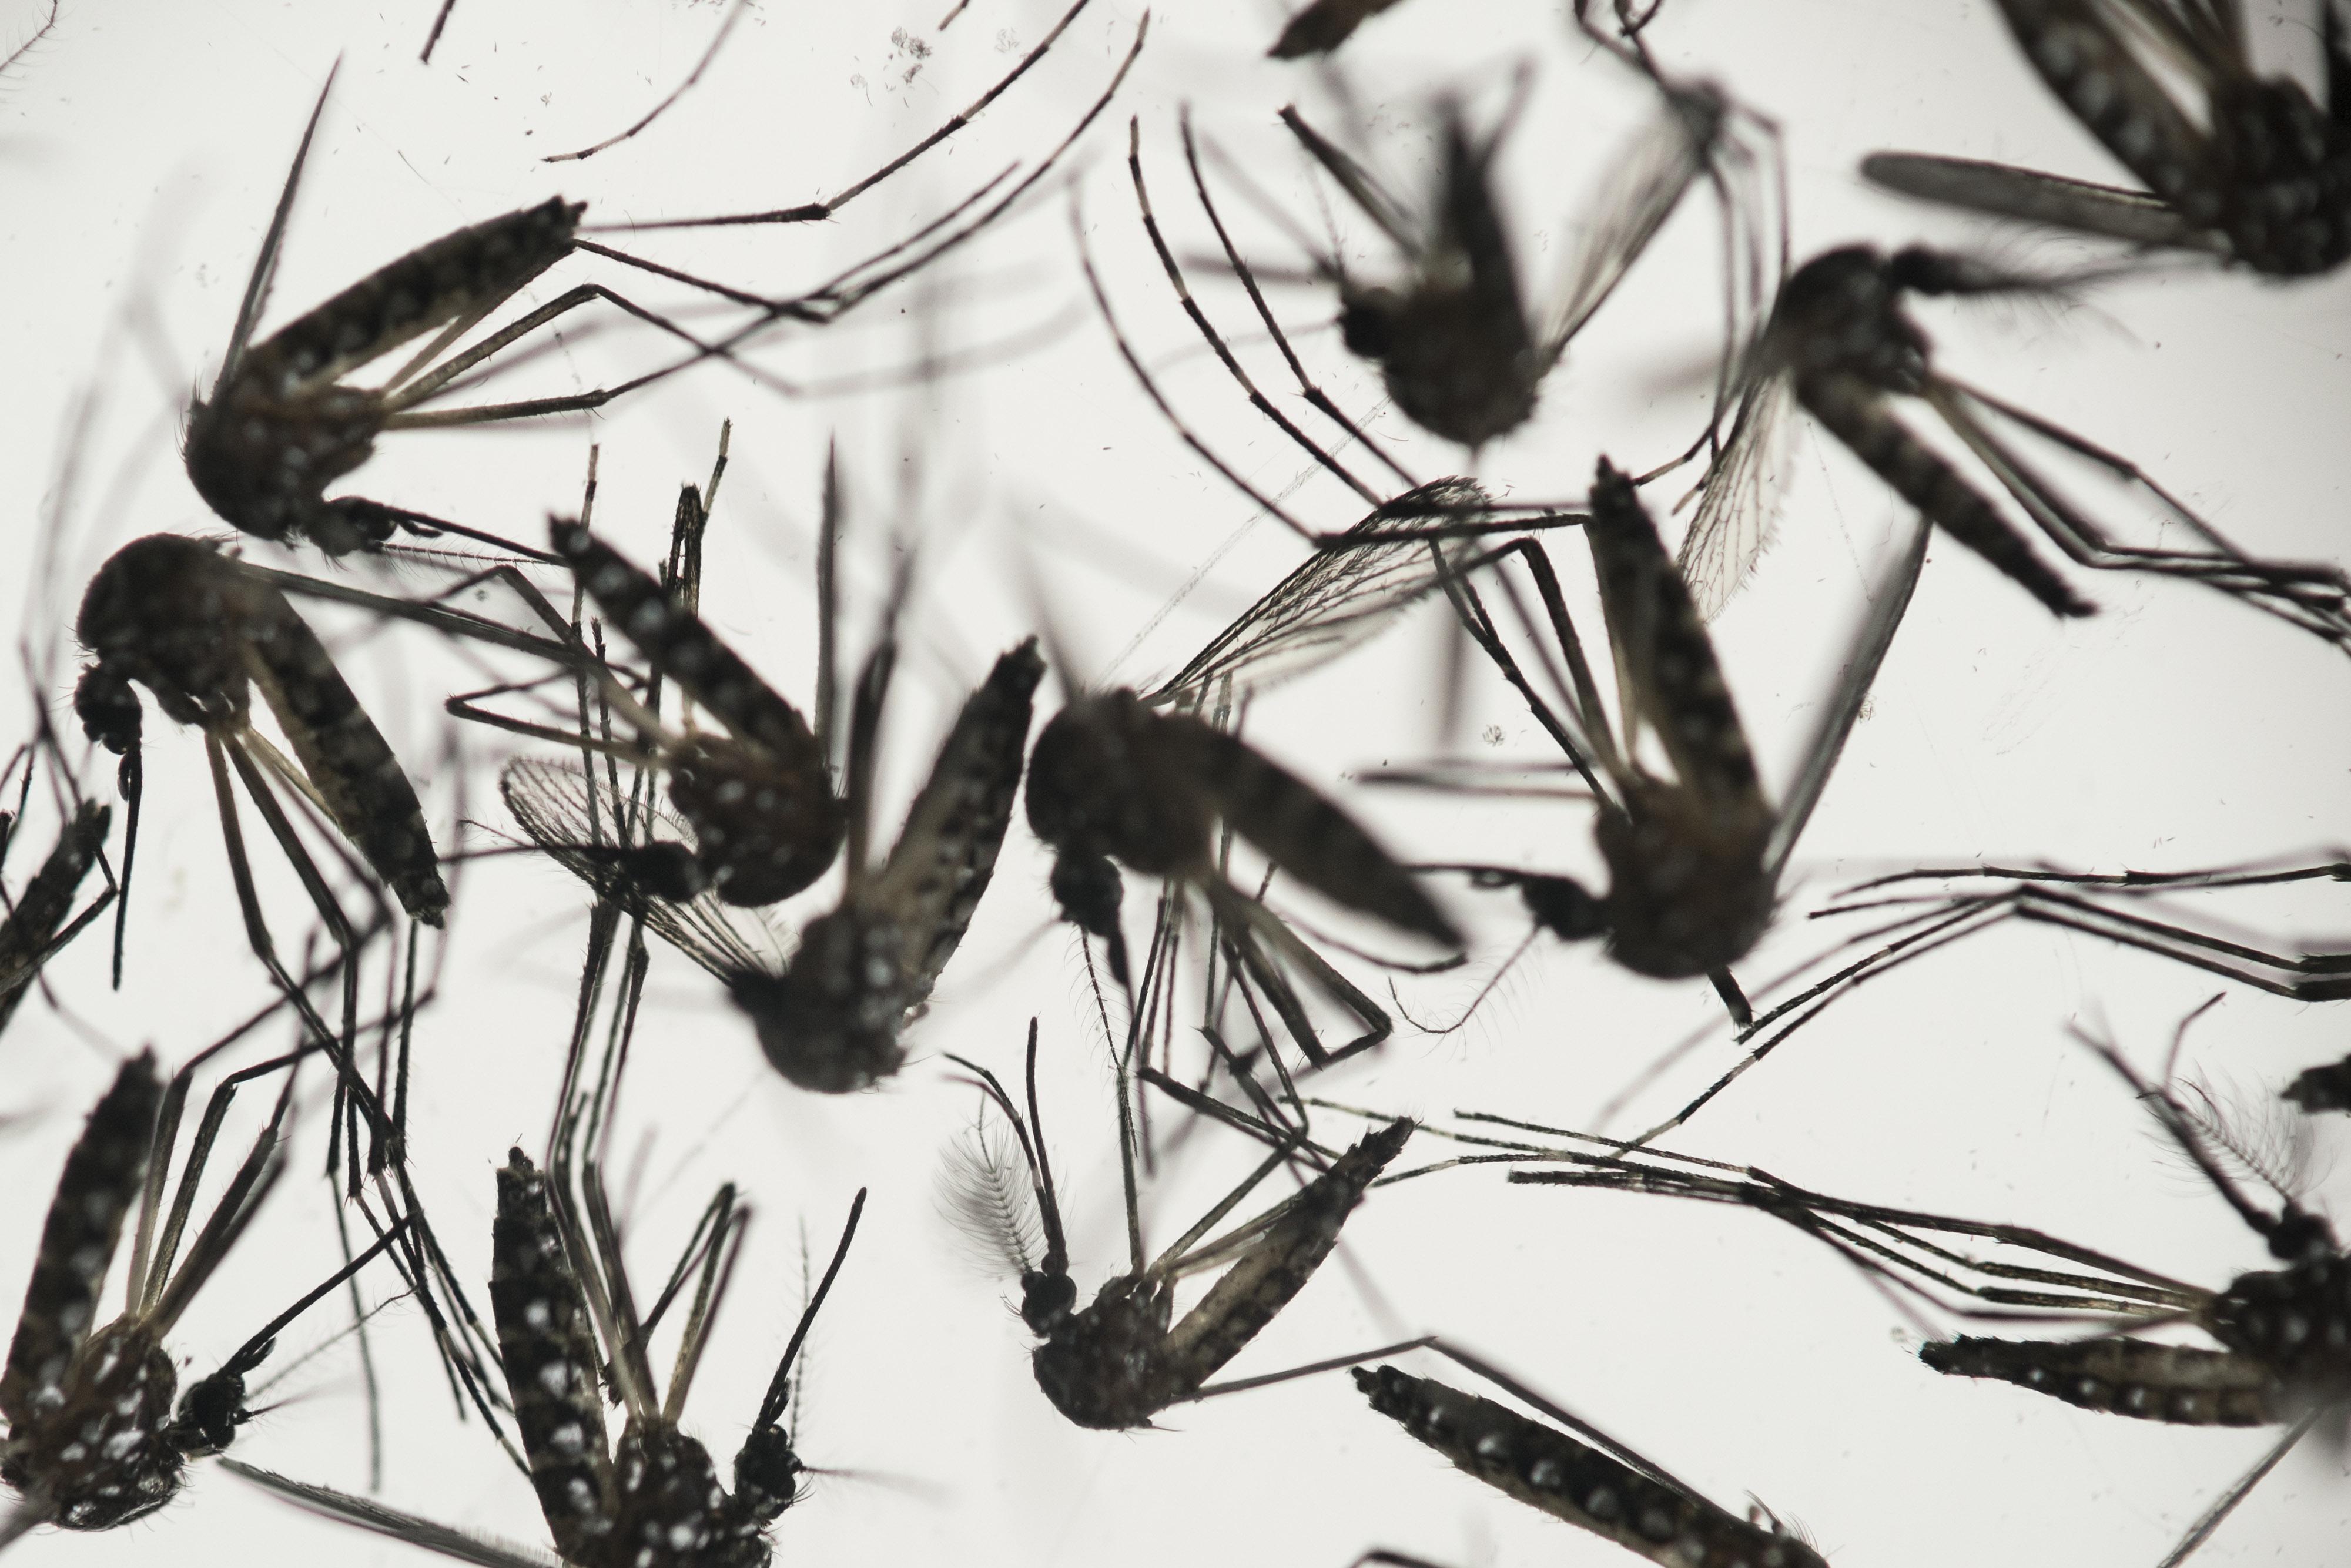 APTOPIX Brazil Zika Virus